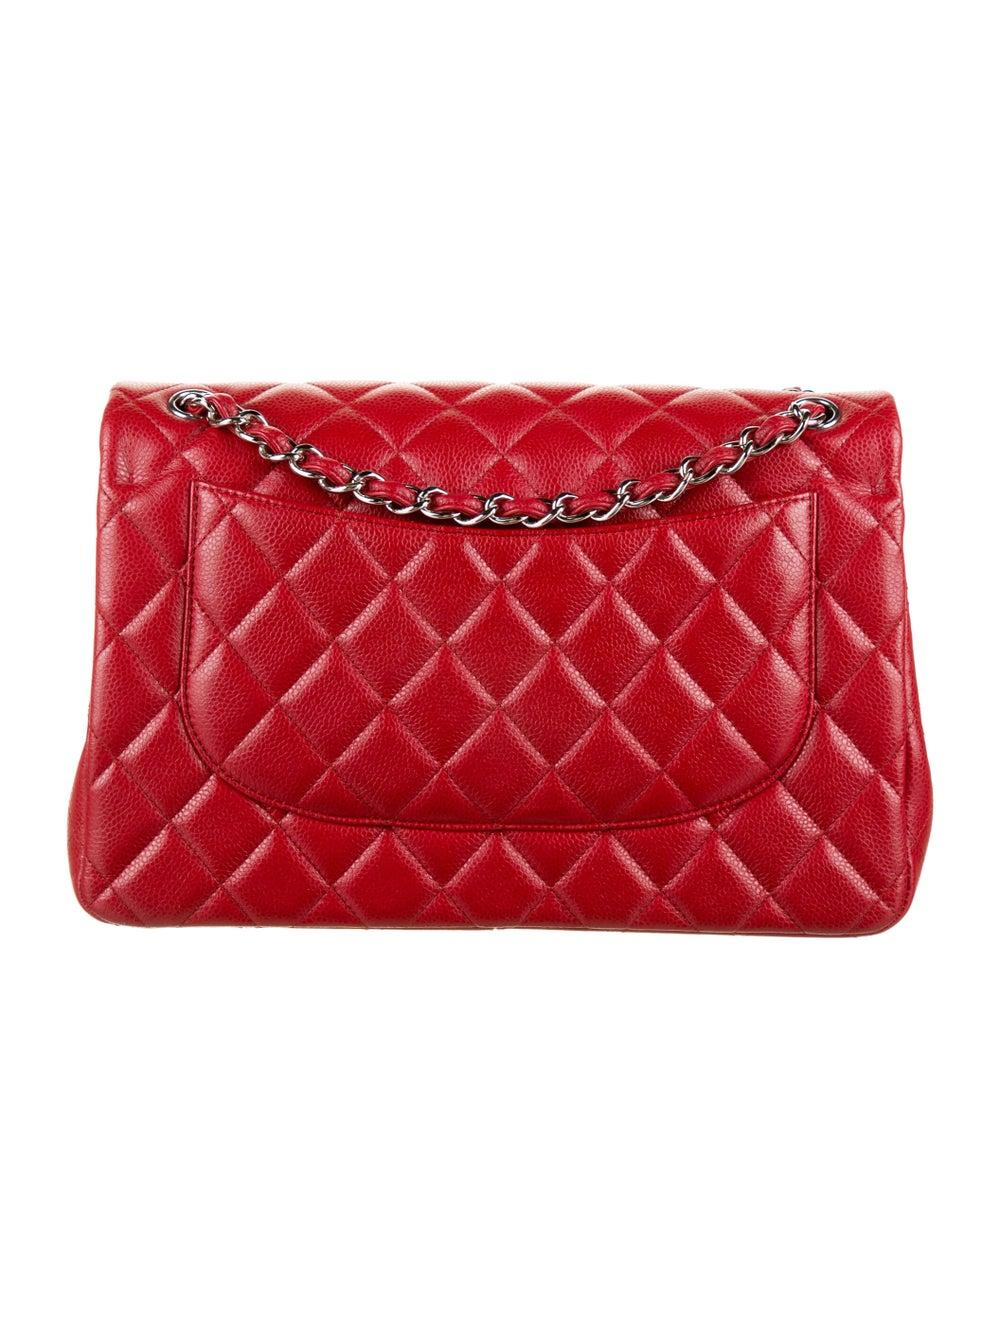 Chanel Classic Jumbo Double Flap Bag Red - image 4